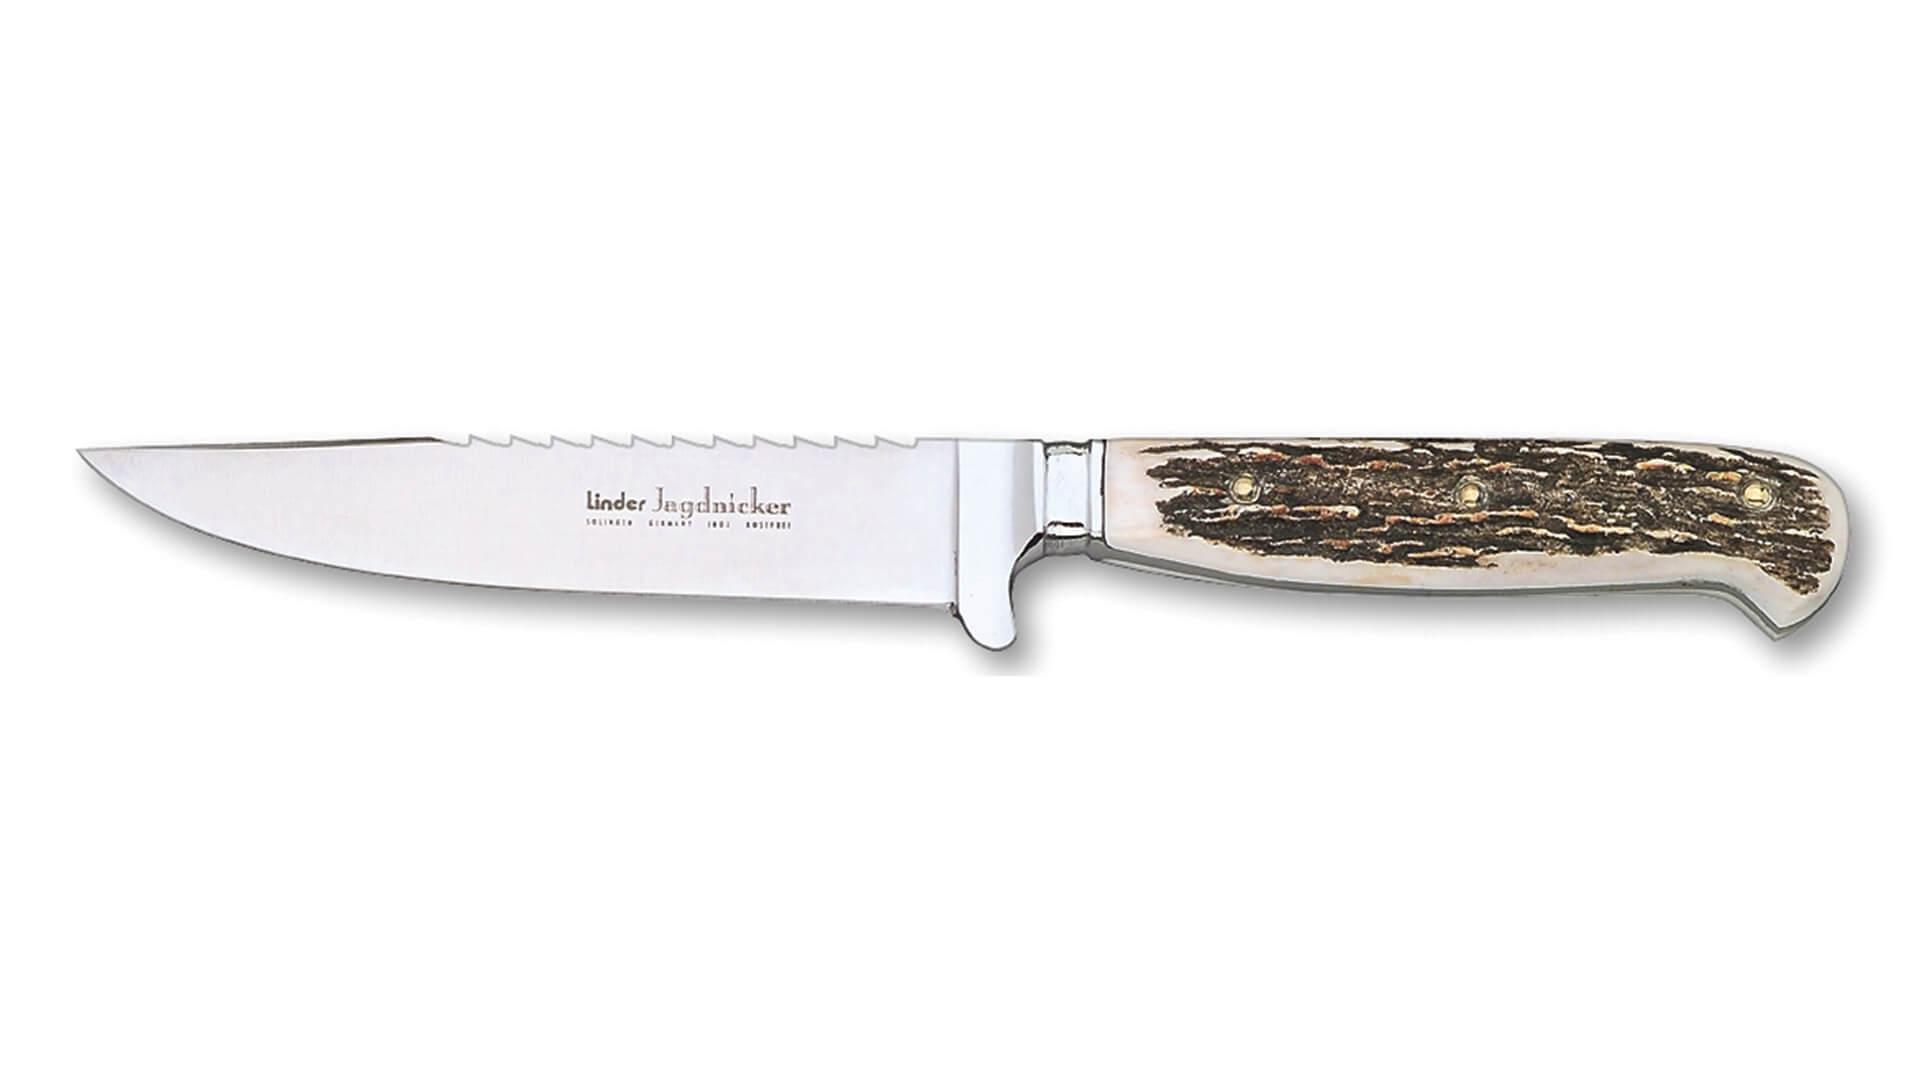 linder-jagdnicker-saege-jagdmesser-hirschhorn-solingen